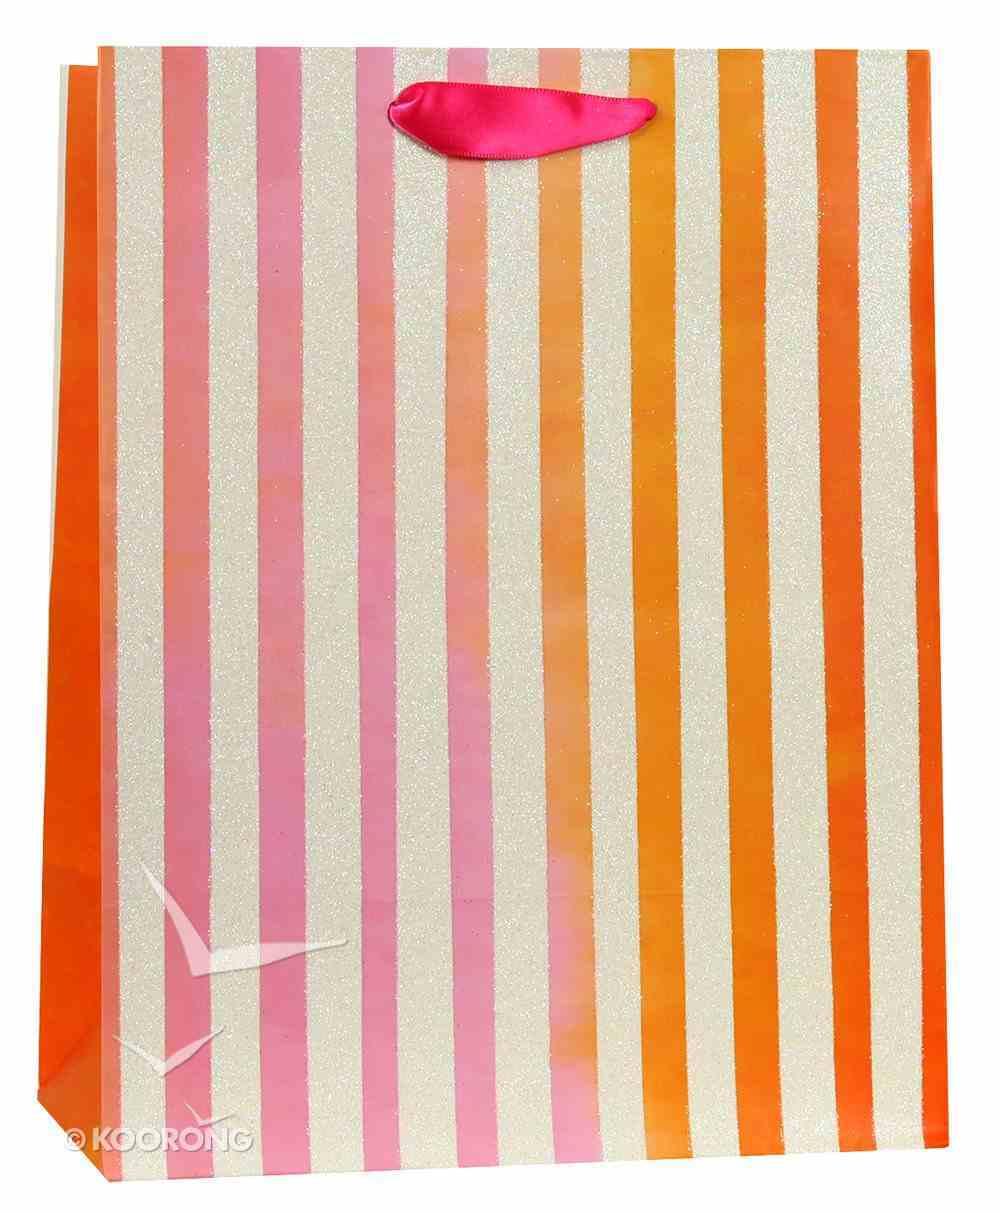 Gift Bag Meduim: Pink Orange Stripes (James 1:17) Stationery